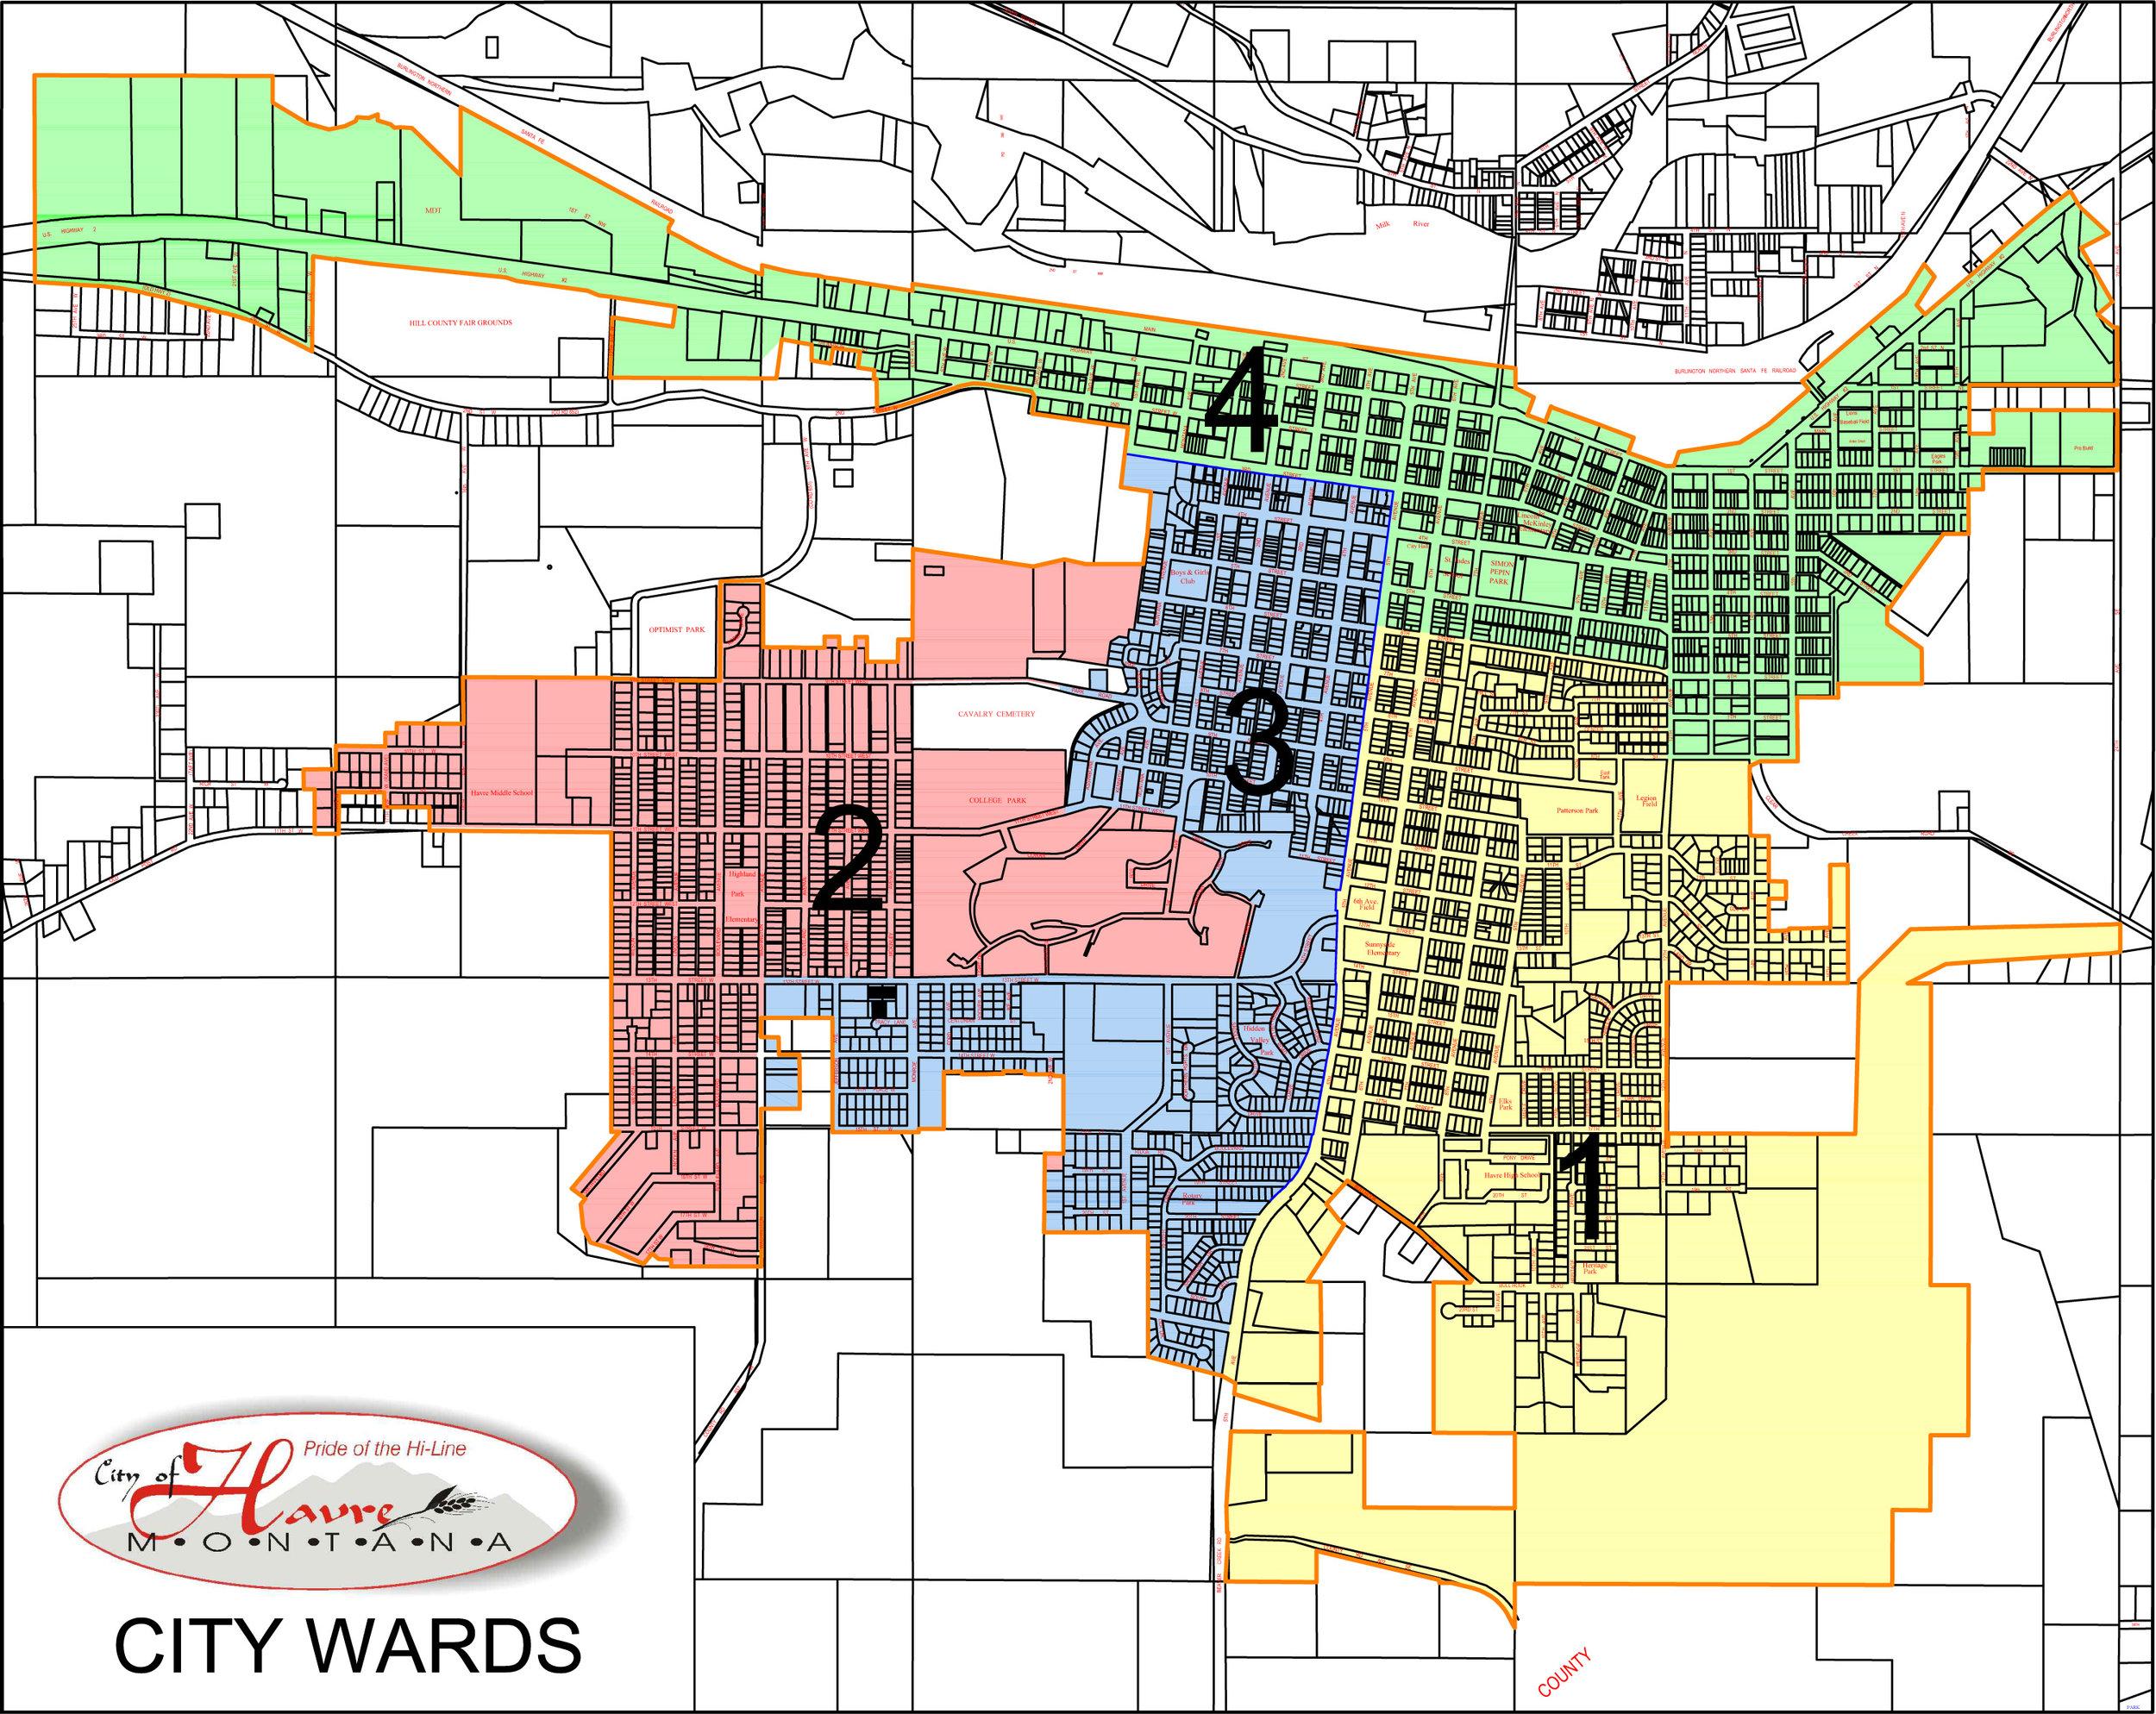 Yellow: Ward 1 (Pct 7, 8) Pink: Ward 2 (Pct 3, 13) Blue: Ward 3 (Pct 1, 9) Green: Ward 4 (Pct 2, 10)